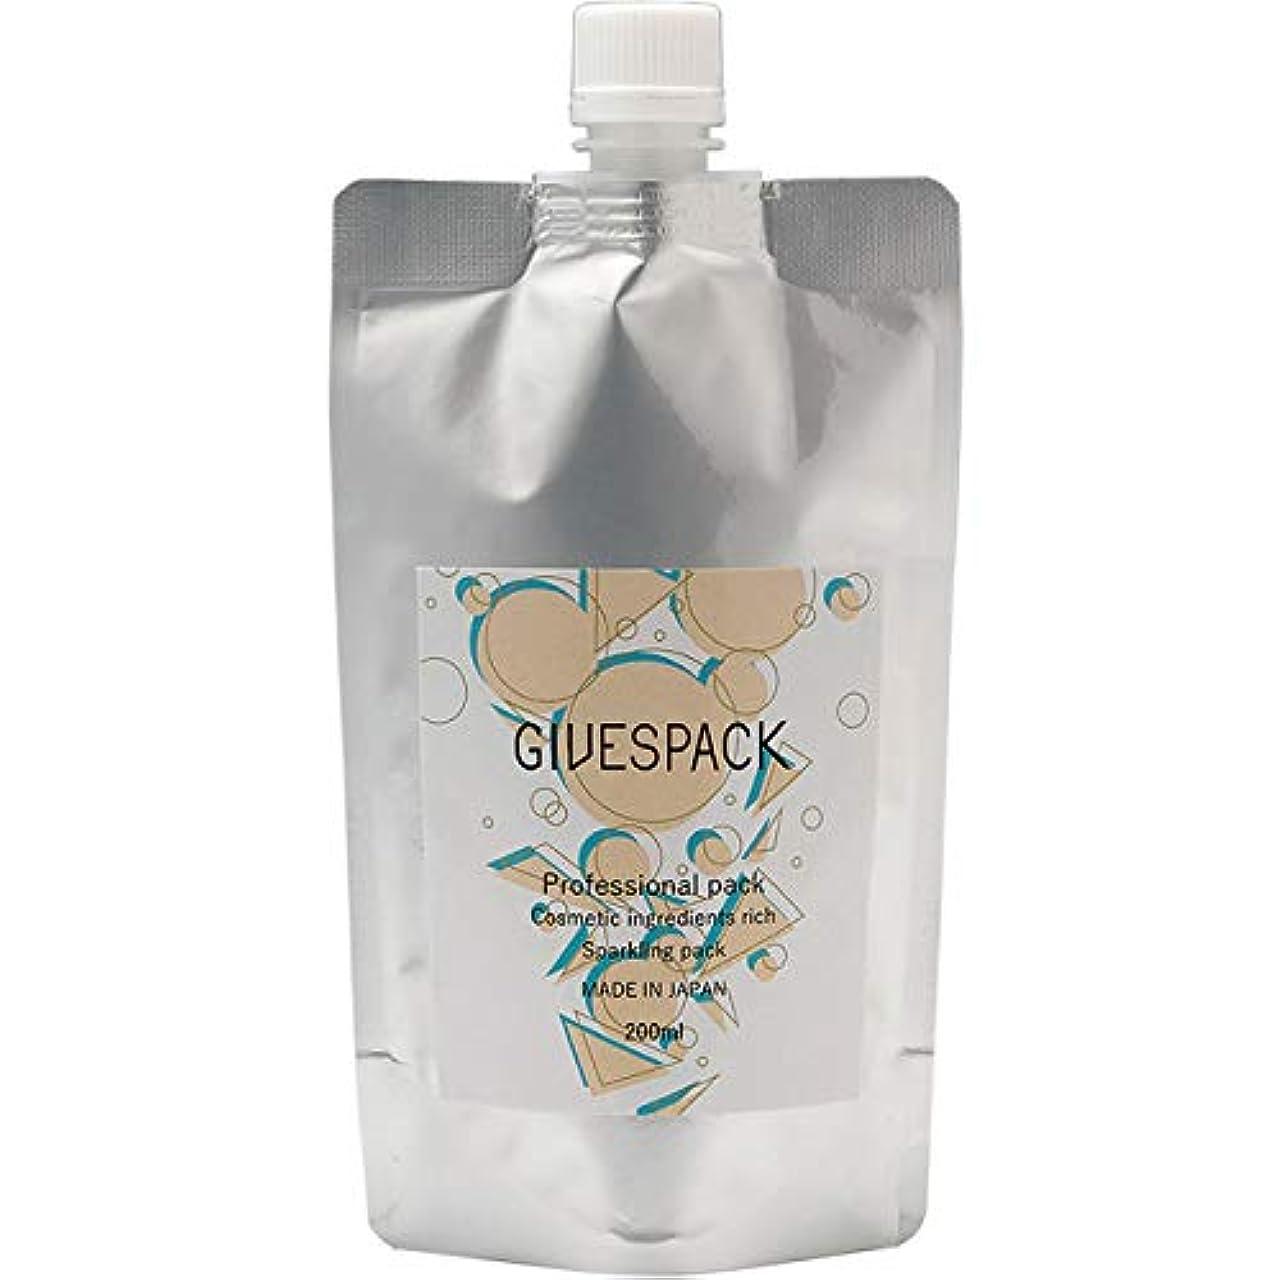 ルアーお酢遠洋のNAVAN ギブスパック 炭酸パック 自宅エステ 手軽な一剤式(混ぜない) オールインワン 200ml たっぷり約23回分